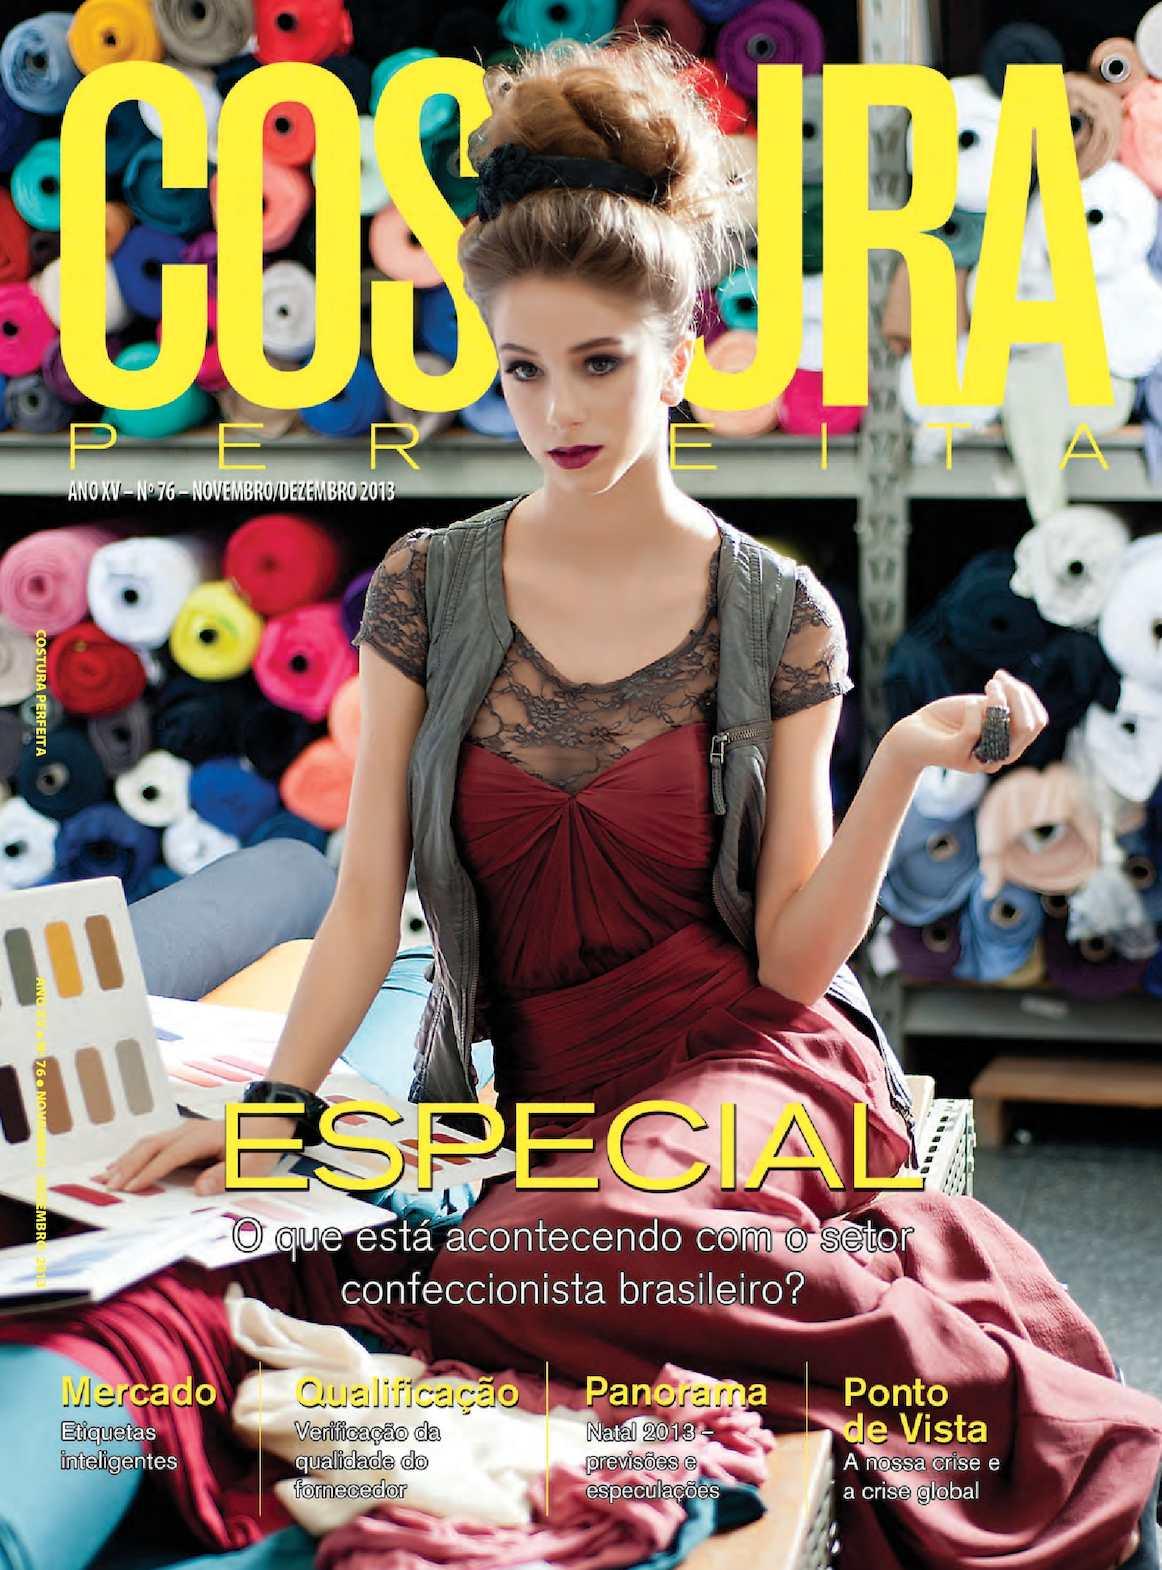 e2101f7c4 Calaméo - Revista Costura Perfeita Edição Ano XV - N76 - Novembro-Dezembro  2013